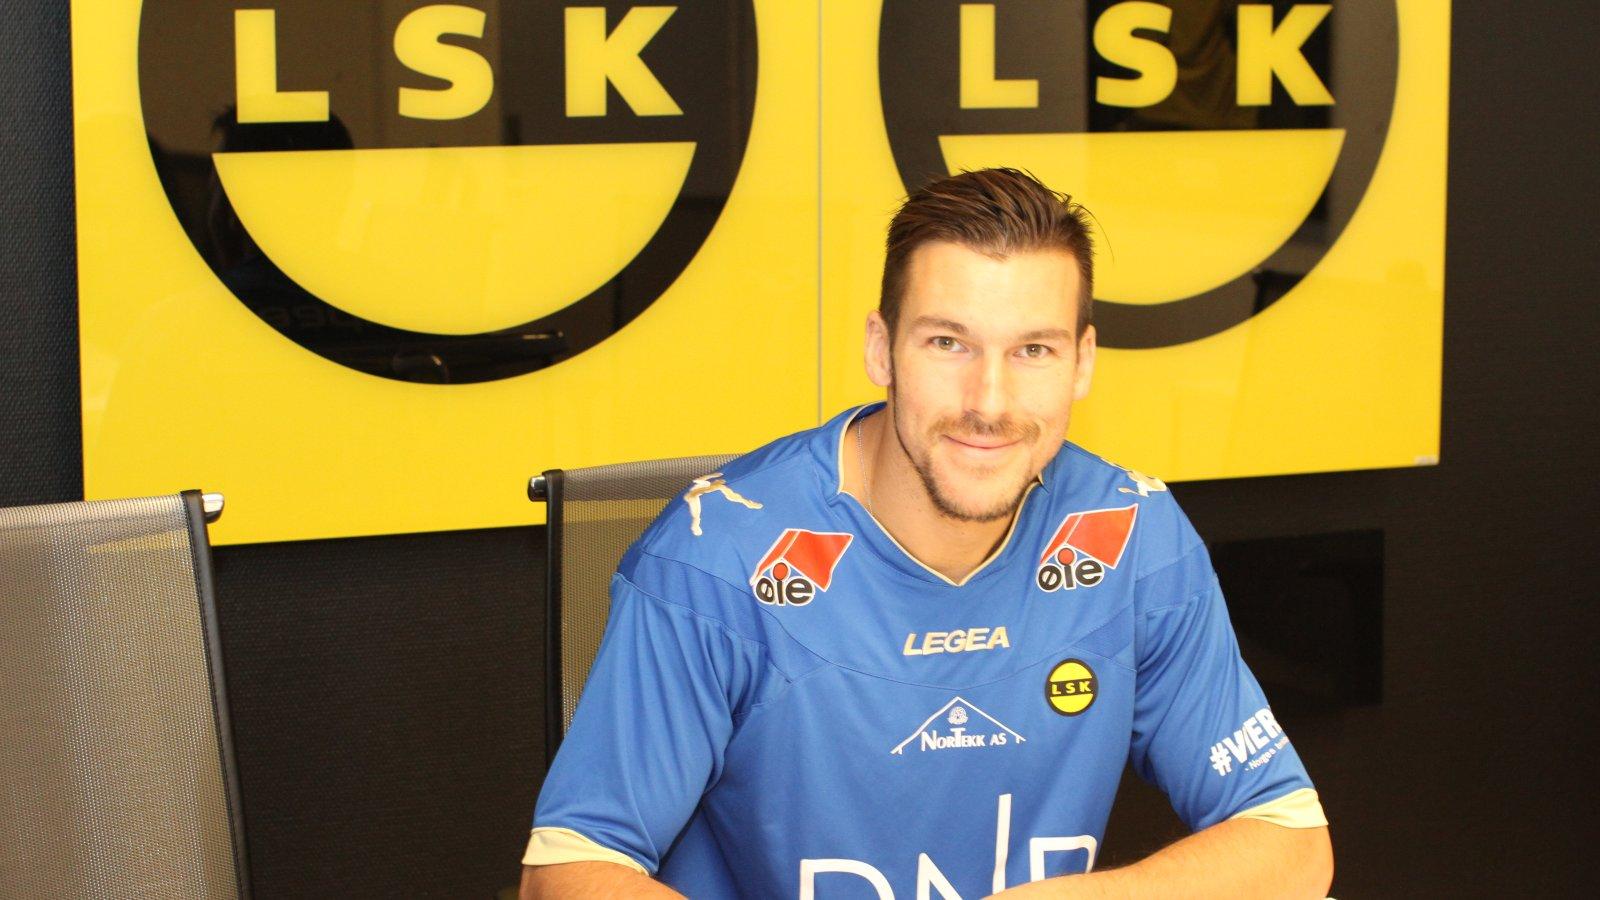 Daniel Fernandes signerte for Lillestrøm SPortsklubb